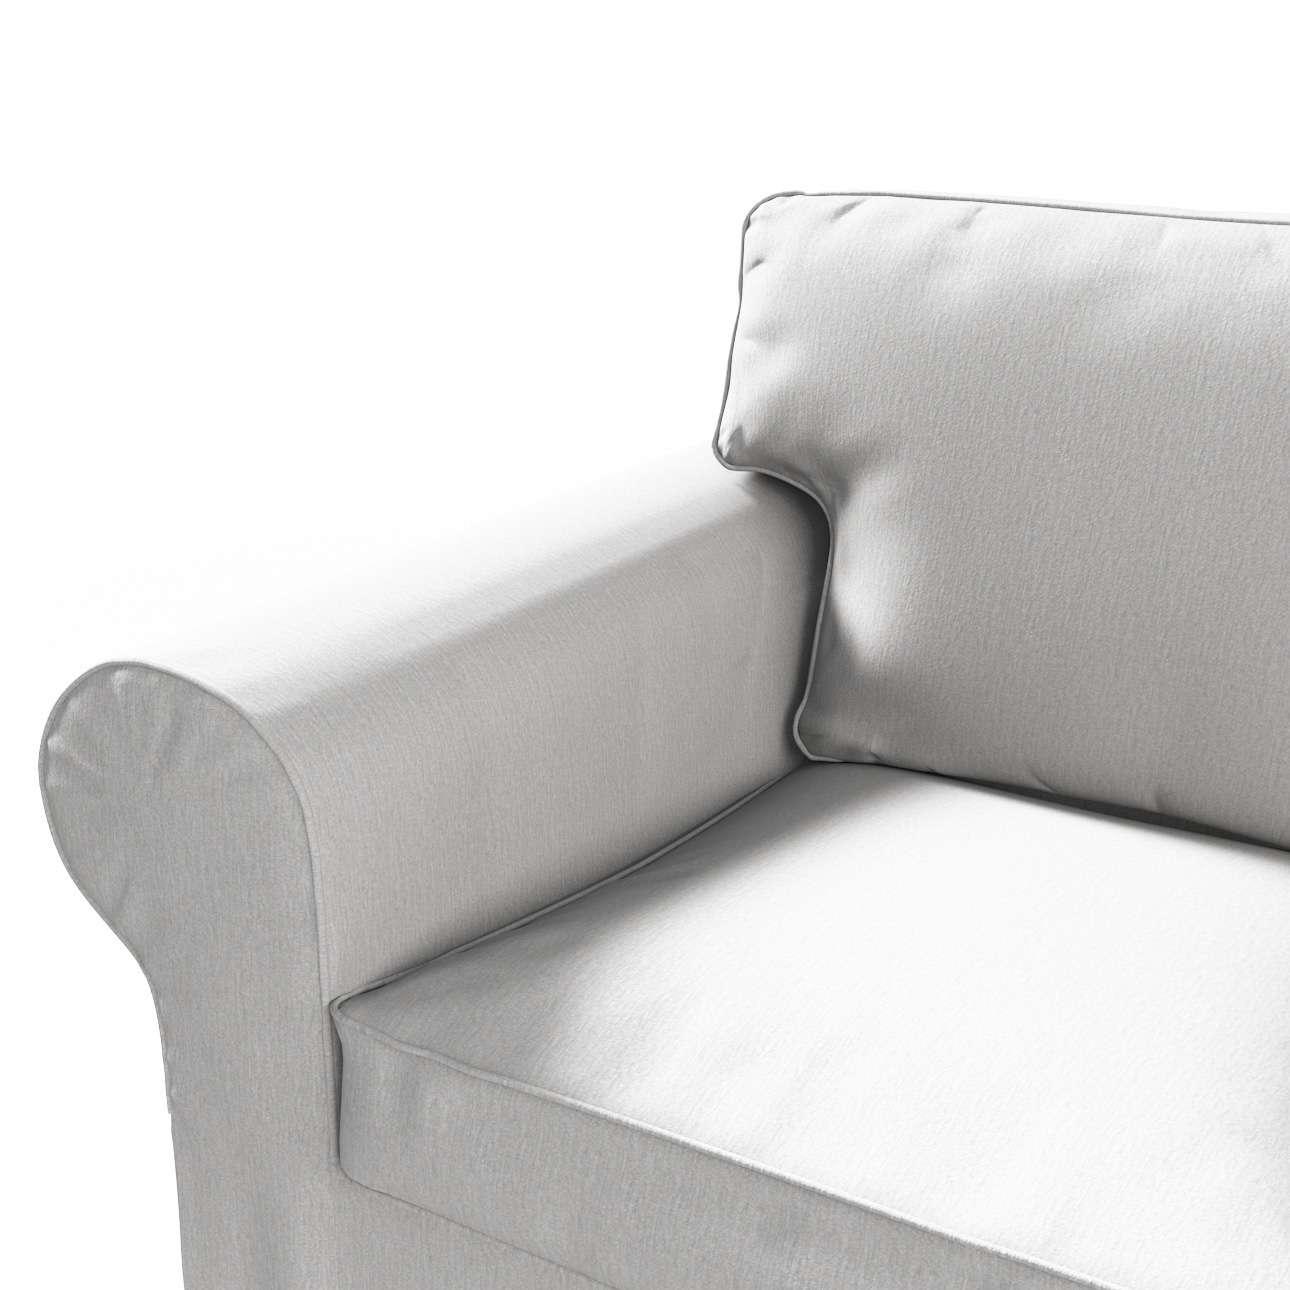 Poťah na sedačku Ektorp (nerozkladá sa, pre 2 osoby) V kolekcii Chenille, tkanina: 702-23